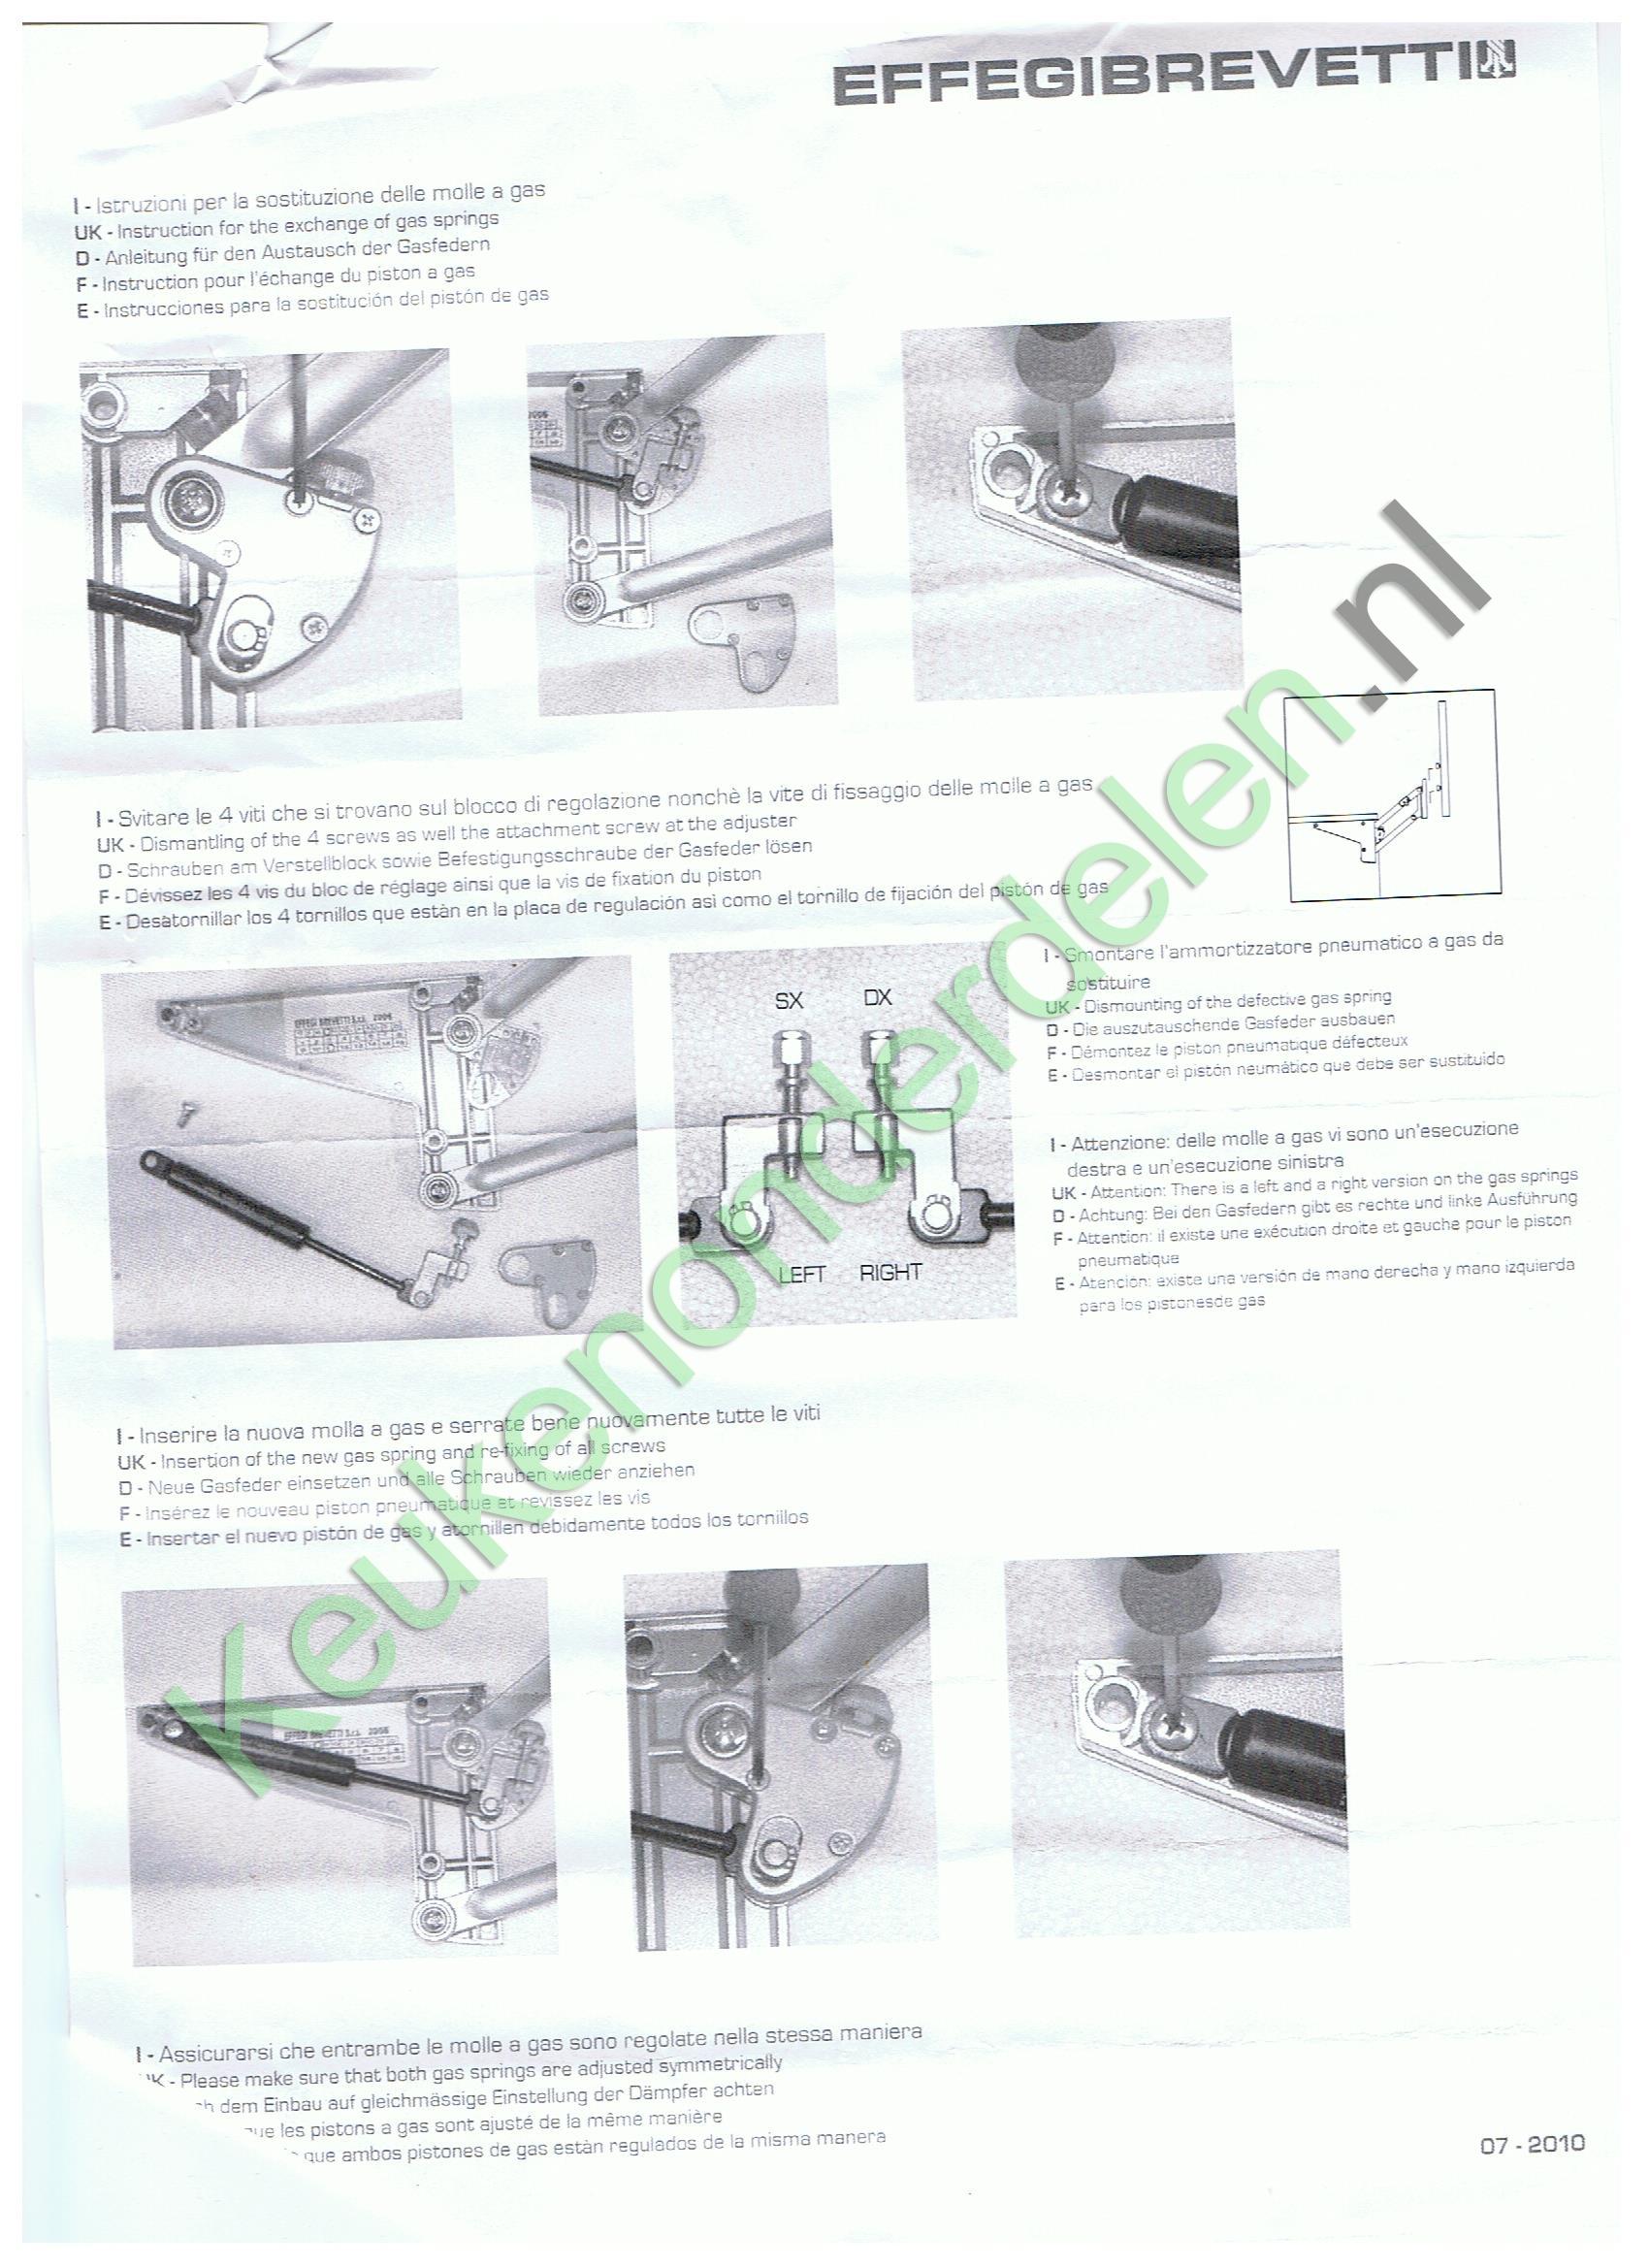 Gasveer Effegi Brevetti Stabilus 0350 N ( 2 gasveren  )VELA